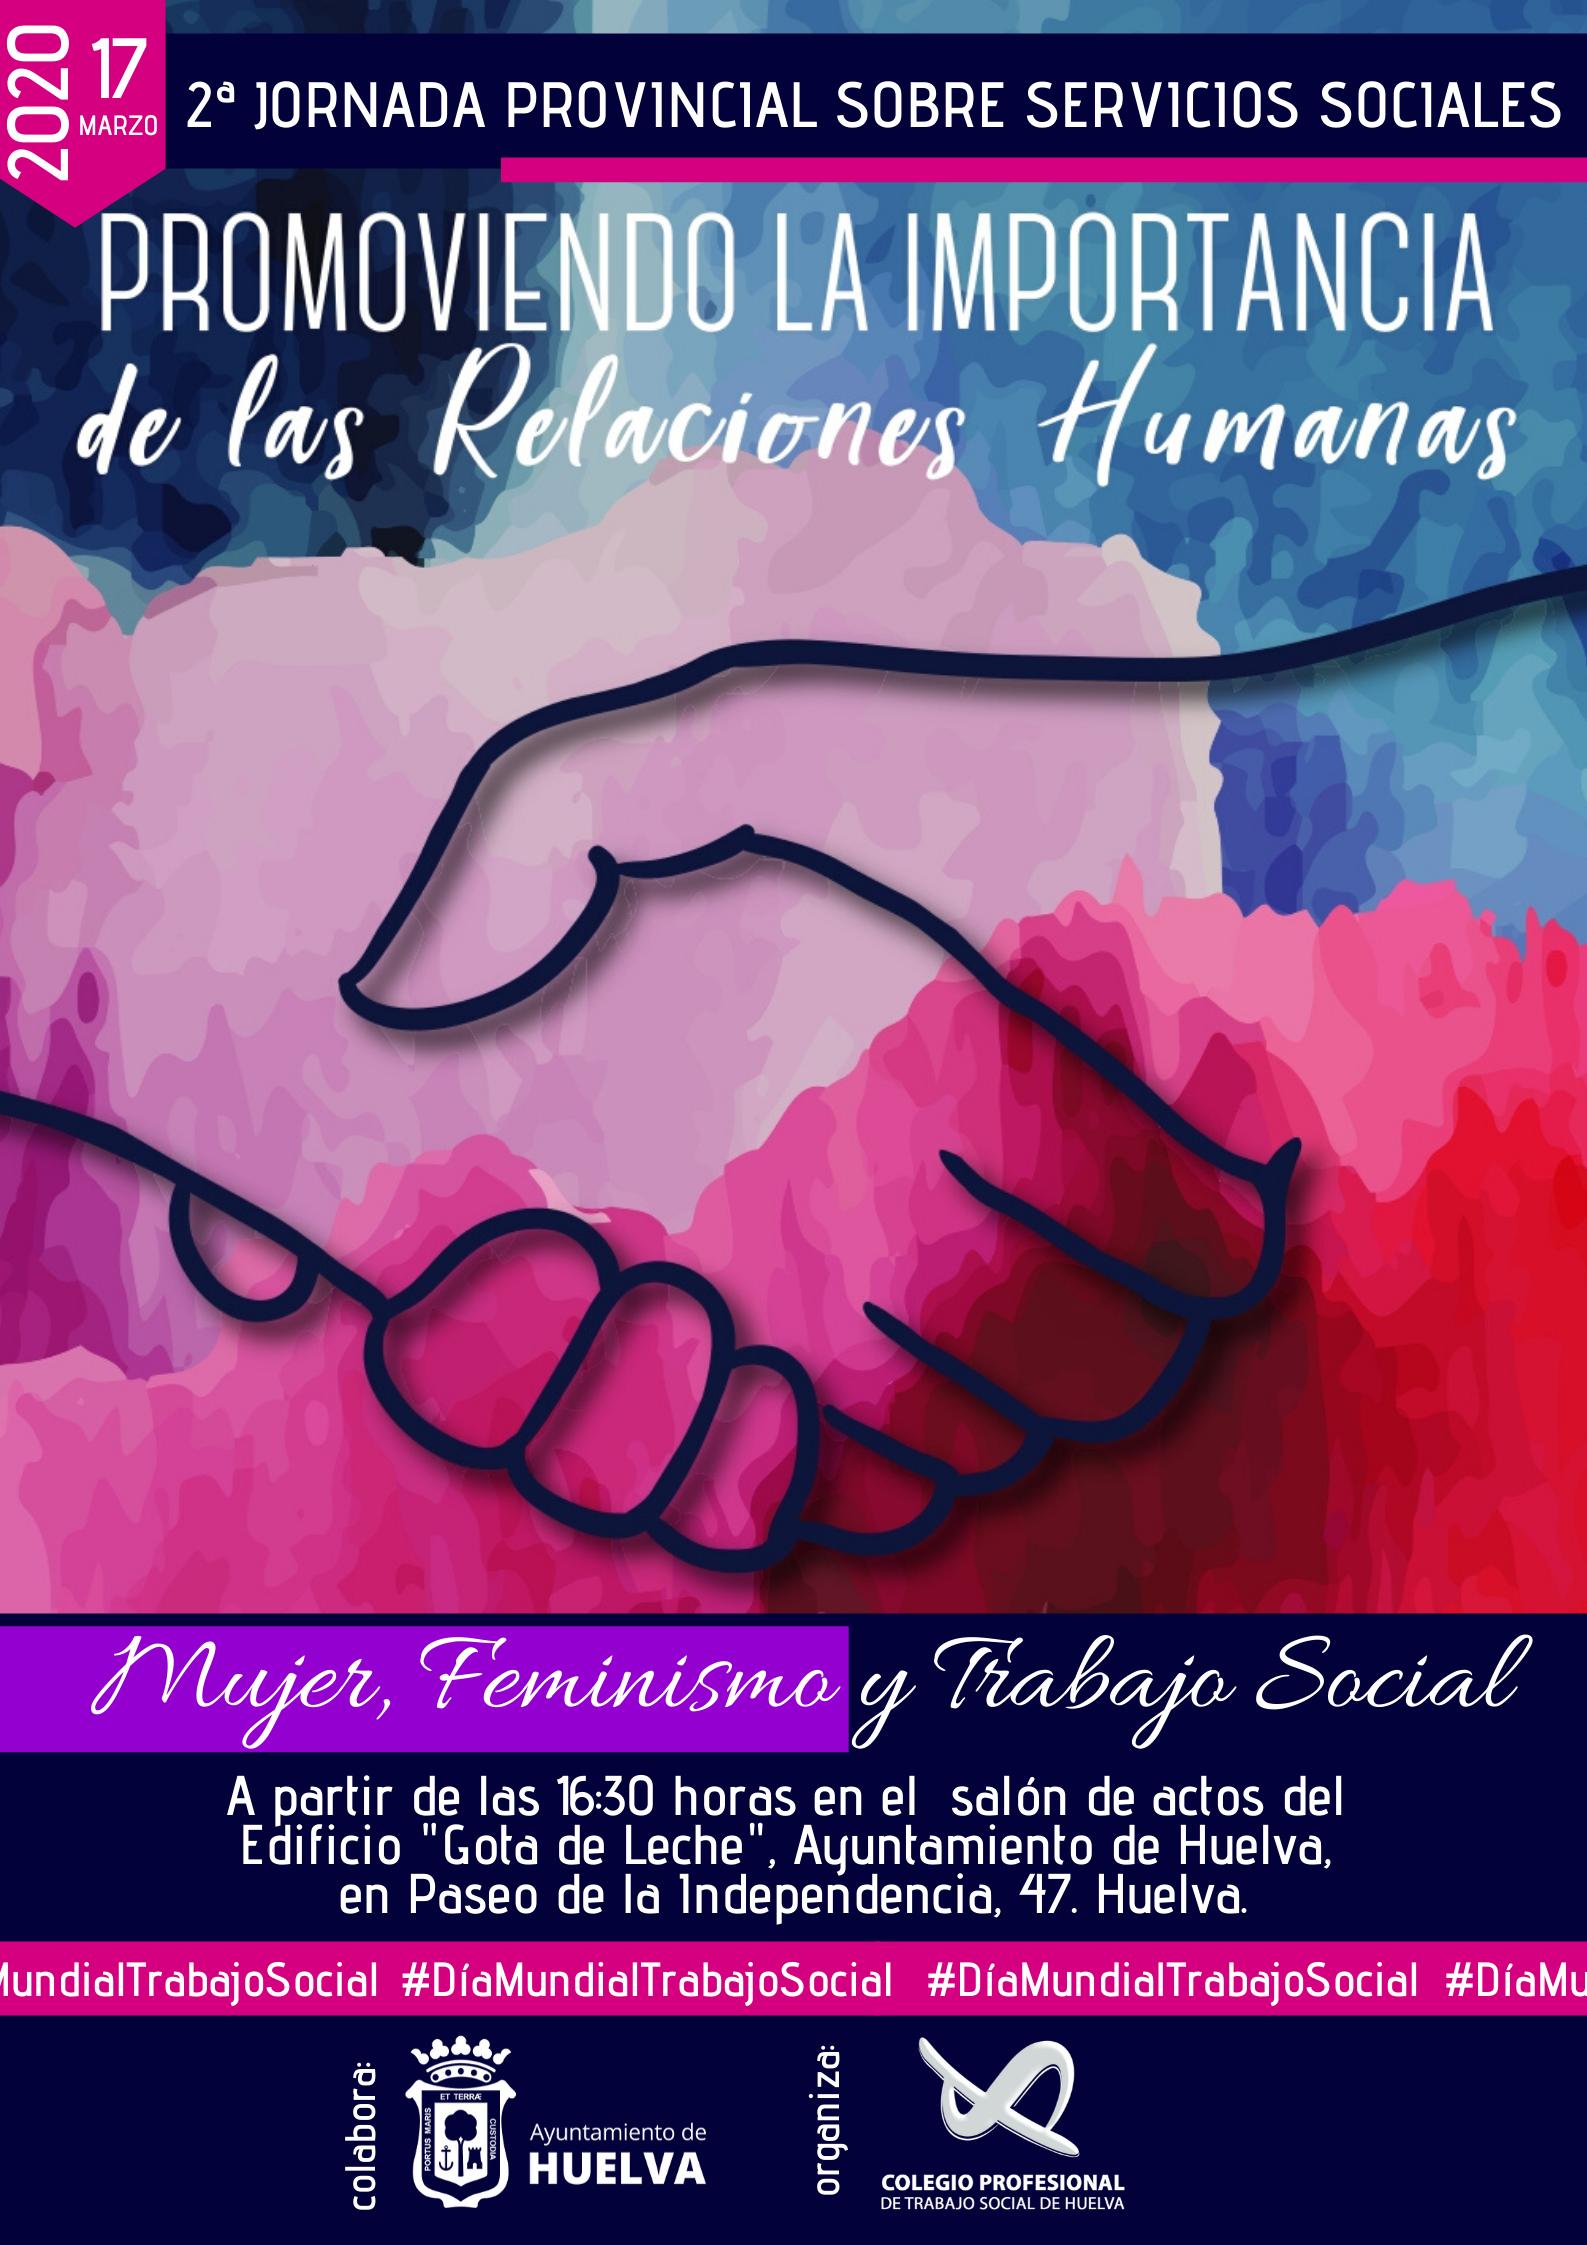 """17 DE MARZO 2020 - II JORNADA PROVINCIAL SOBRE SERVICIOS SOCIALES """"PROMOVIENDO LA IMPORTANCIA DE LAS RELACIONES HUMANAS: MUJER, FEMINISMO Y TRABAJO SOCIAL"""", CON MOTIVO DEL DÍA MUNDIAL DEL TRABAJO SOCIAL."""